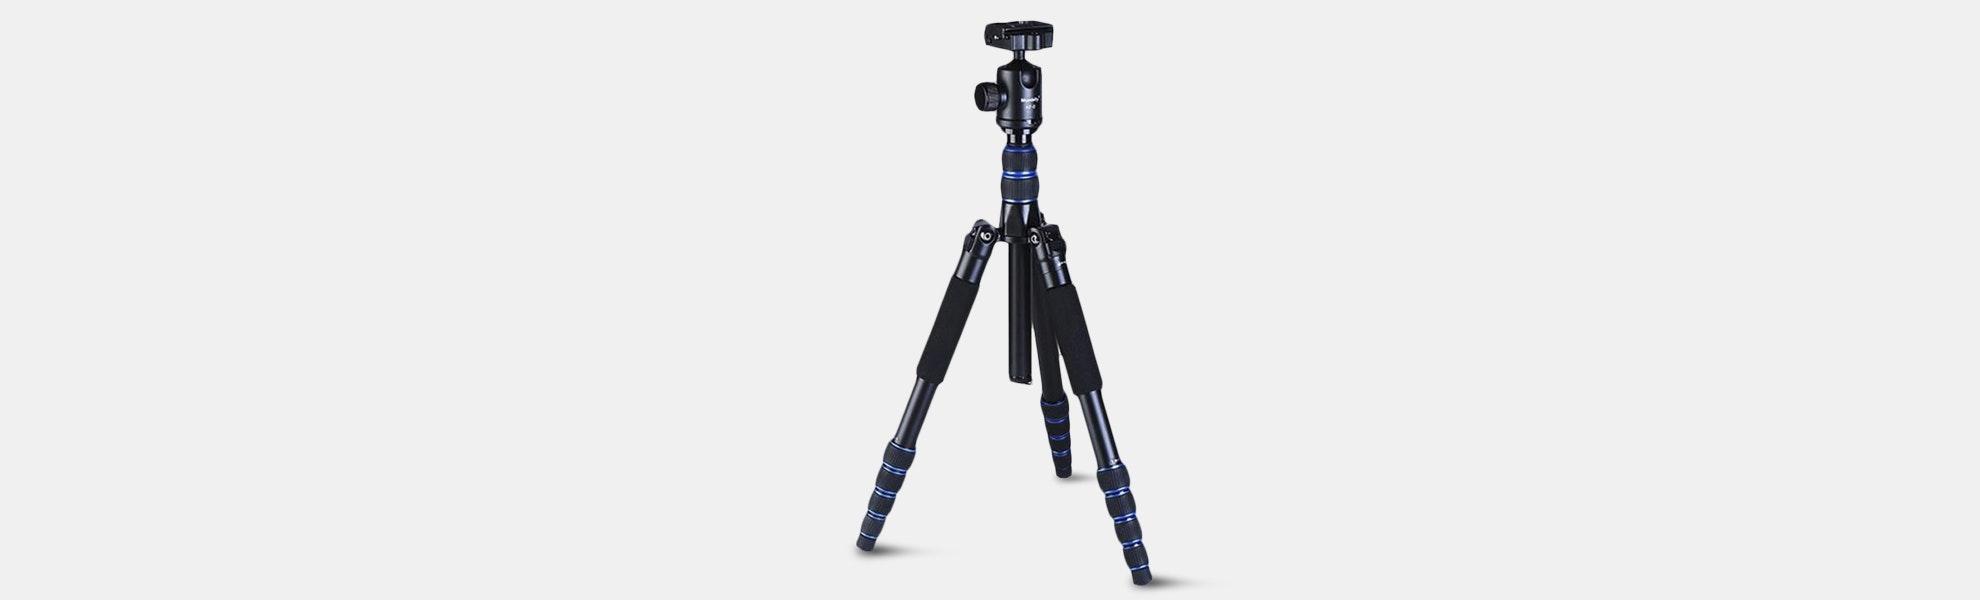 Moman AZ310 Camera Monopod/Tripod